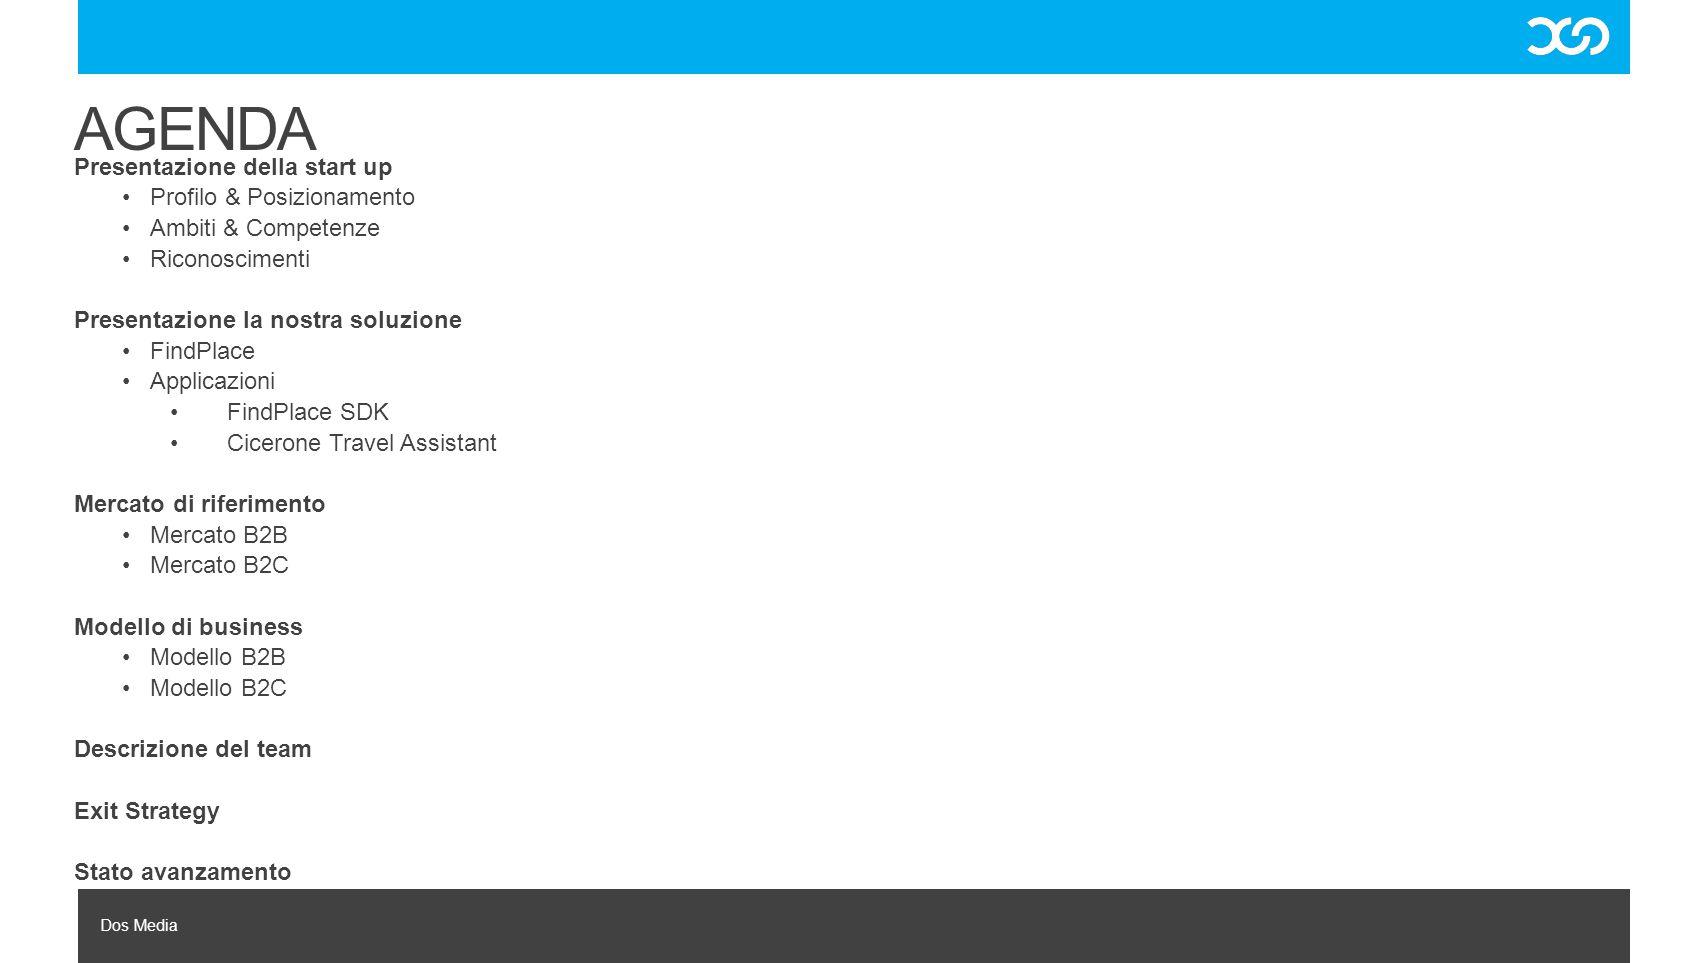 Dos Media B2C: Cicerone Travel Assistant B2B: FindPlace SDK BUSINESS MODEL Accesso gratuito fino a 1.000 query nell'arco di 24 ore Da 1.000 – 5.000 query nell'arco di 24 ore: fee di 0,0015 Euro per query Da 5.000 – 10.000 query nell'arco di 24 ore: fee di 0,0008 Euro per query 10.000 query nell'arco delle 24 ore: fee di 0,0005 Euro per query Revenue share su: contenuti advertising gestiti dalla piattaforma, e visualizzati dalle applicazioni costruite tramite la piattaforma.